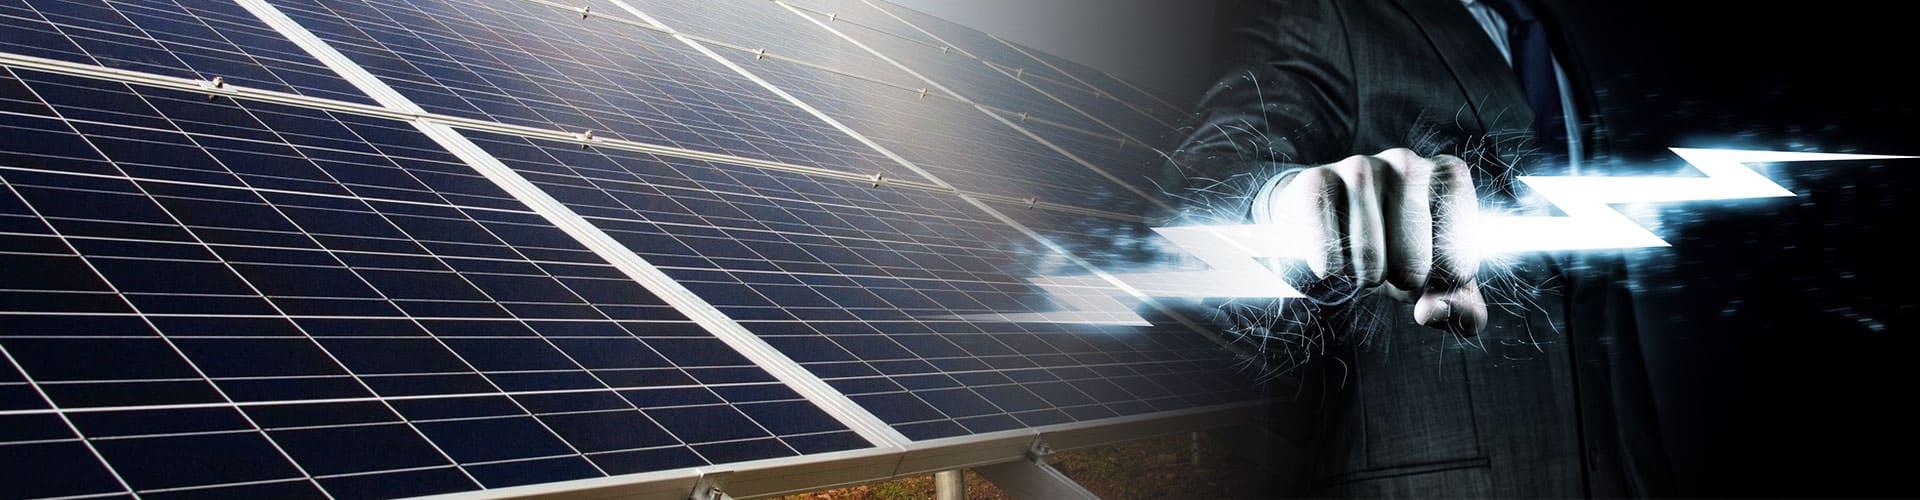 Solaranlagen kaufen und bauen mit hoher Leistung bei PV Service GmbH